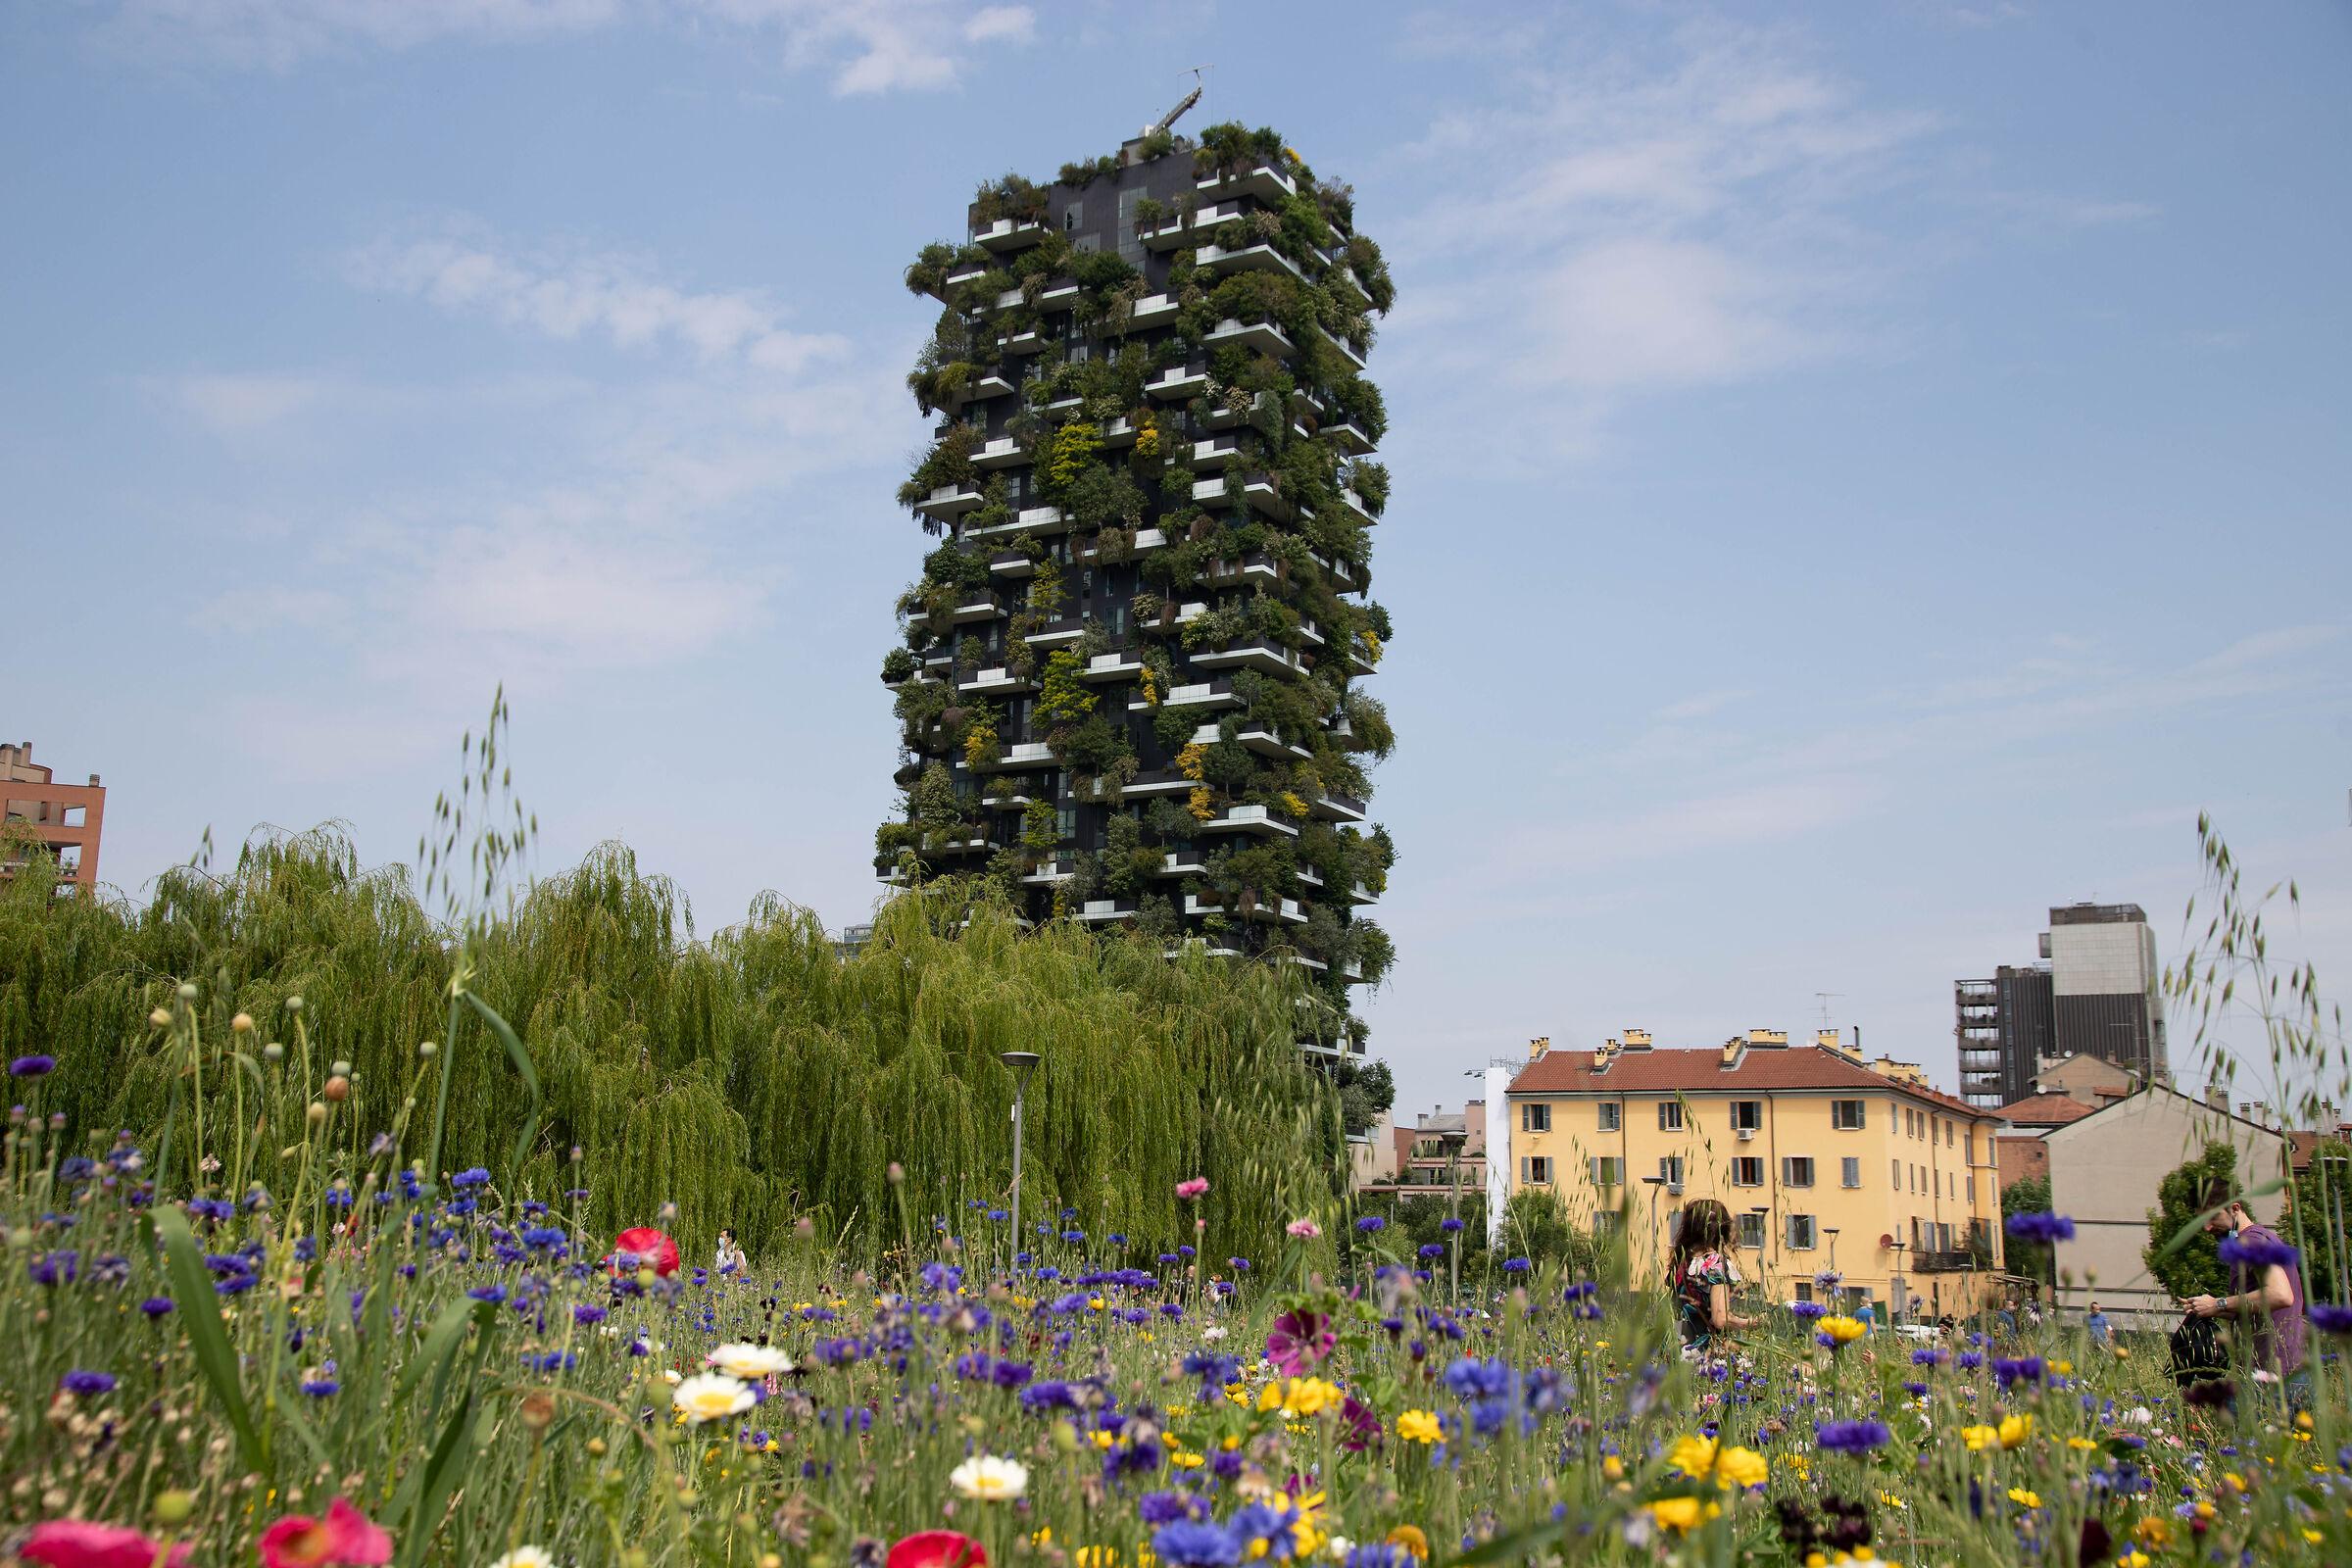 La green architecture del Bosco Verticale...